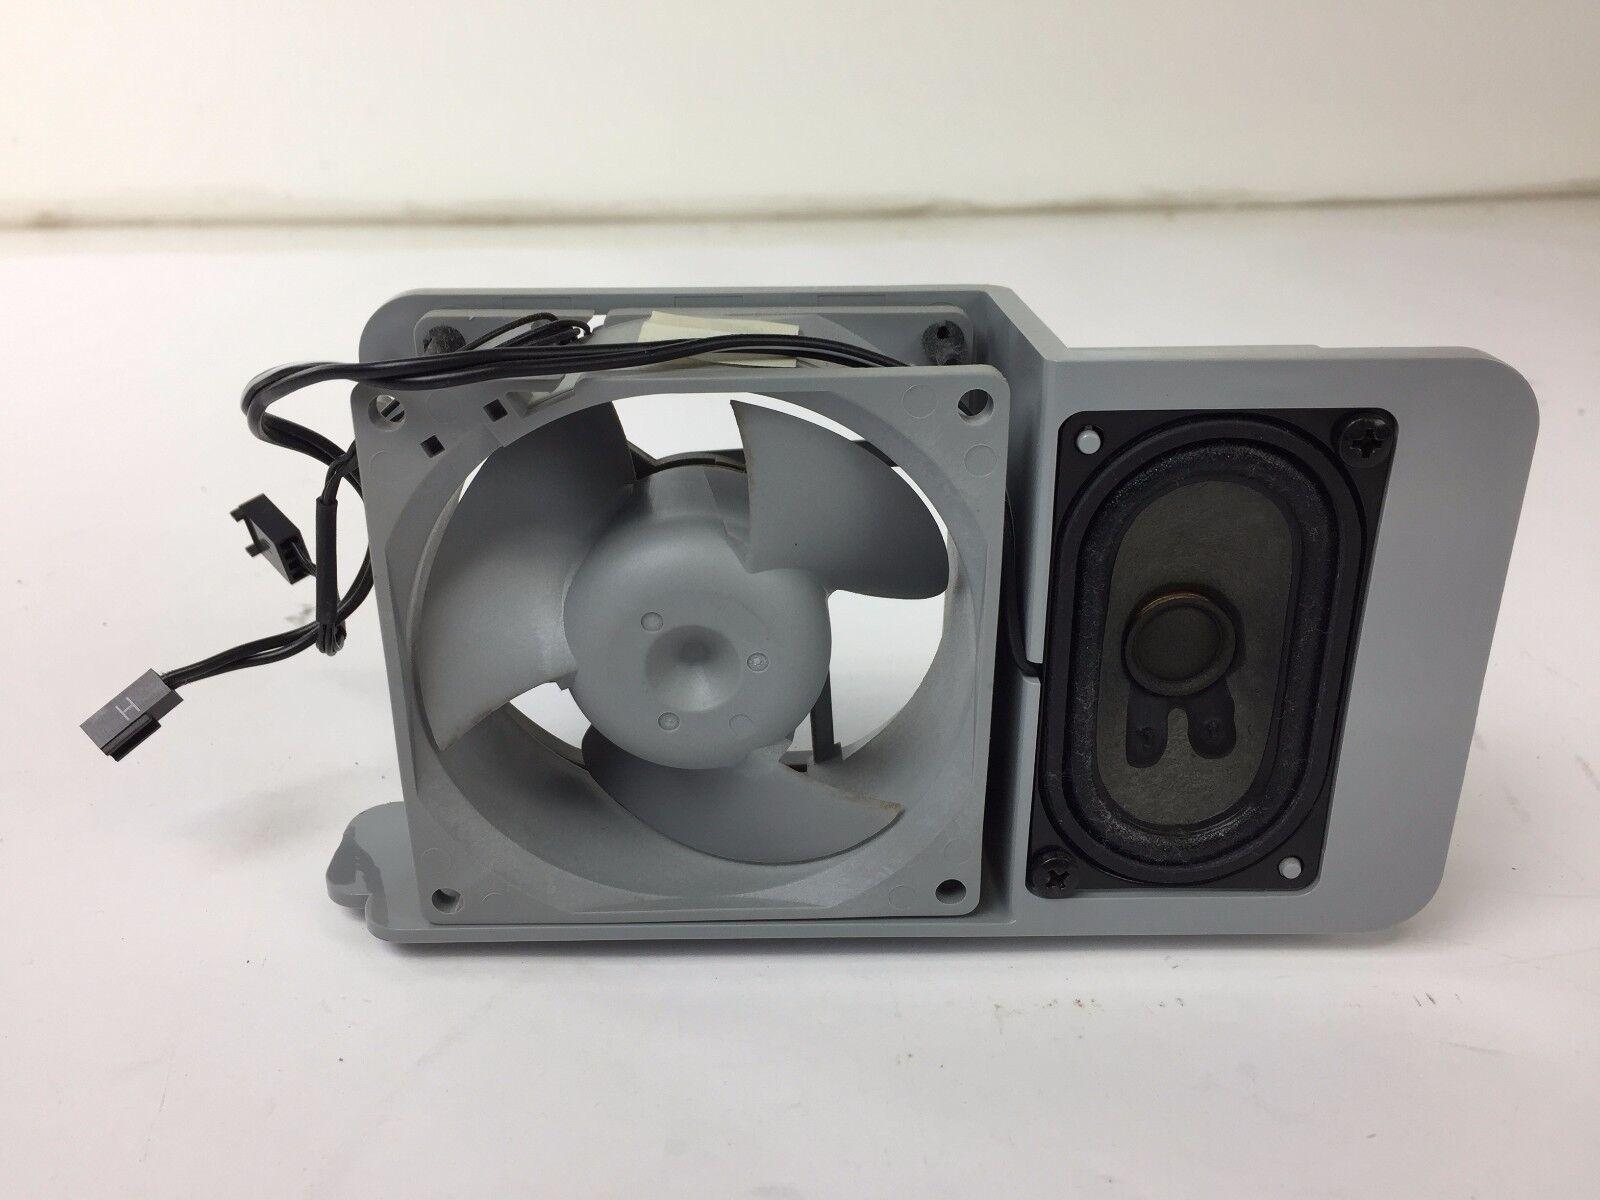 Apple PowerMac G5 Fan and Speaker Assembly